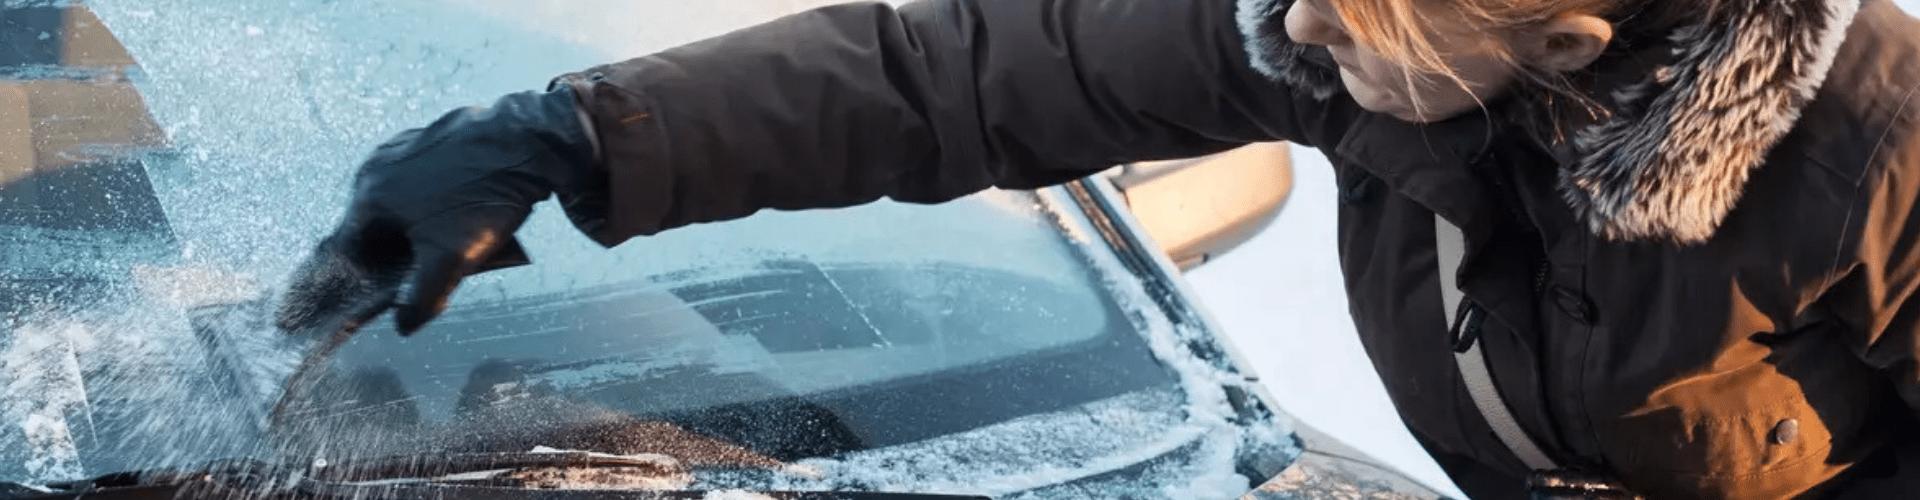 per_articolo_manutenzione_auto_inverno-min